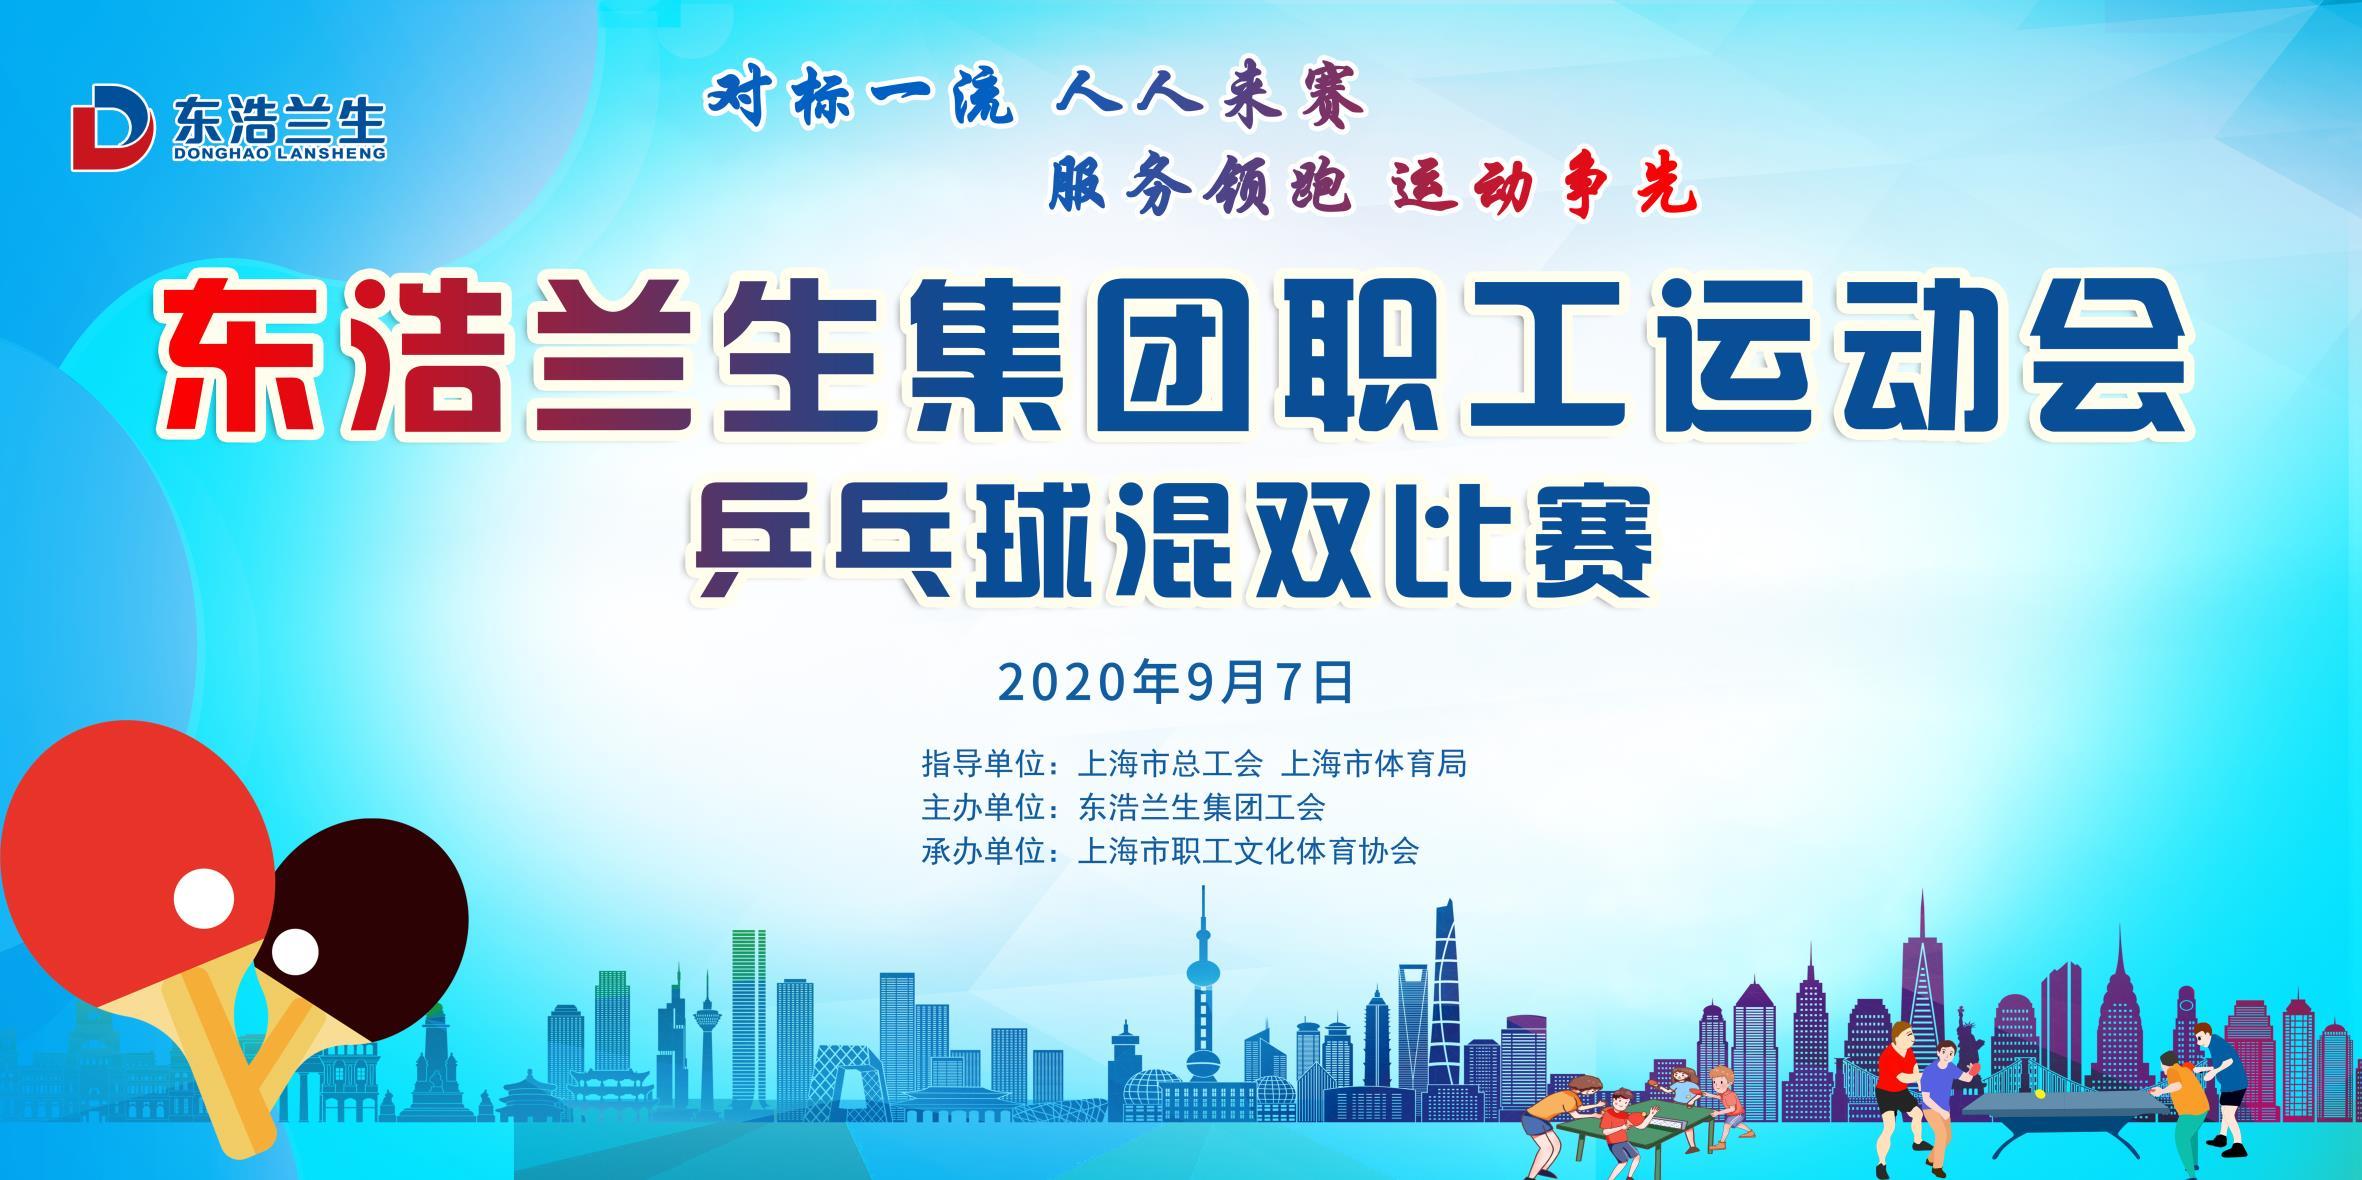 东浩兰生集团职工运动会乒乓球混双比赛